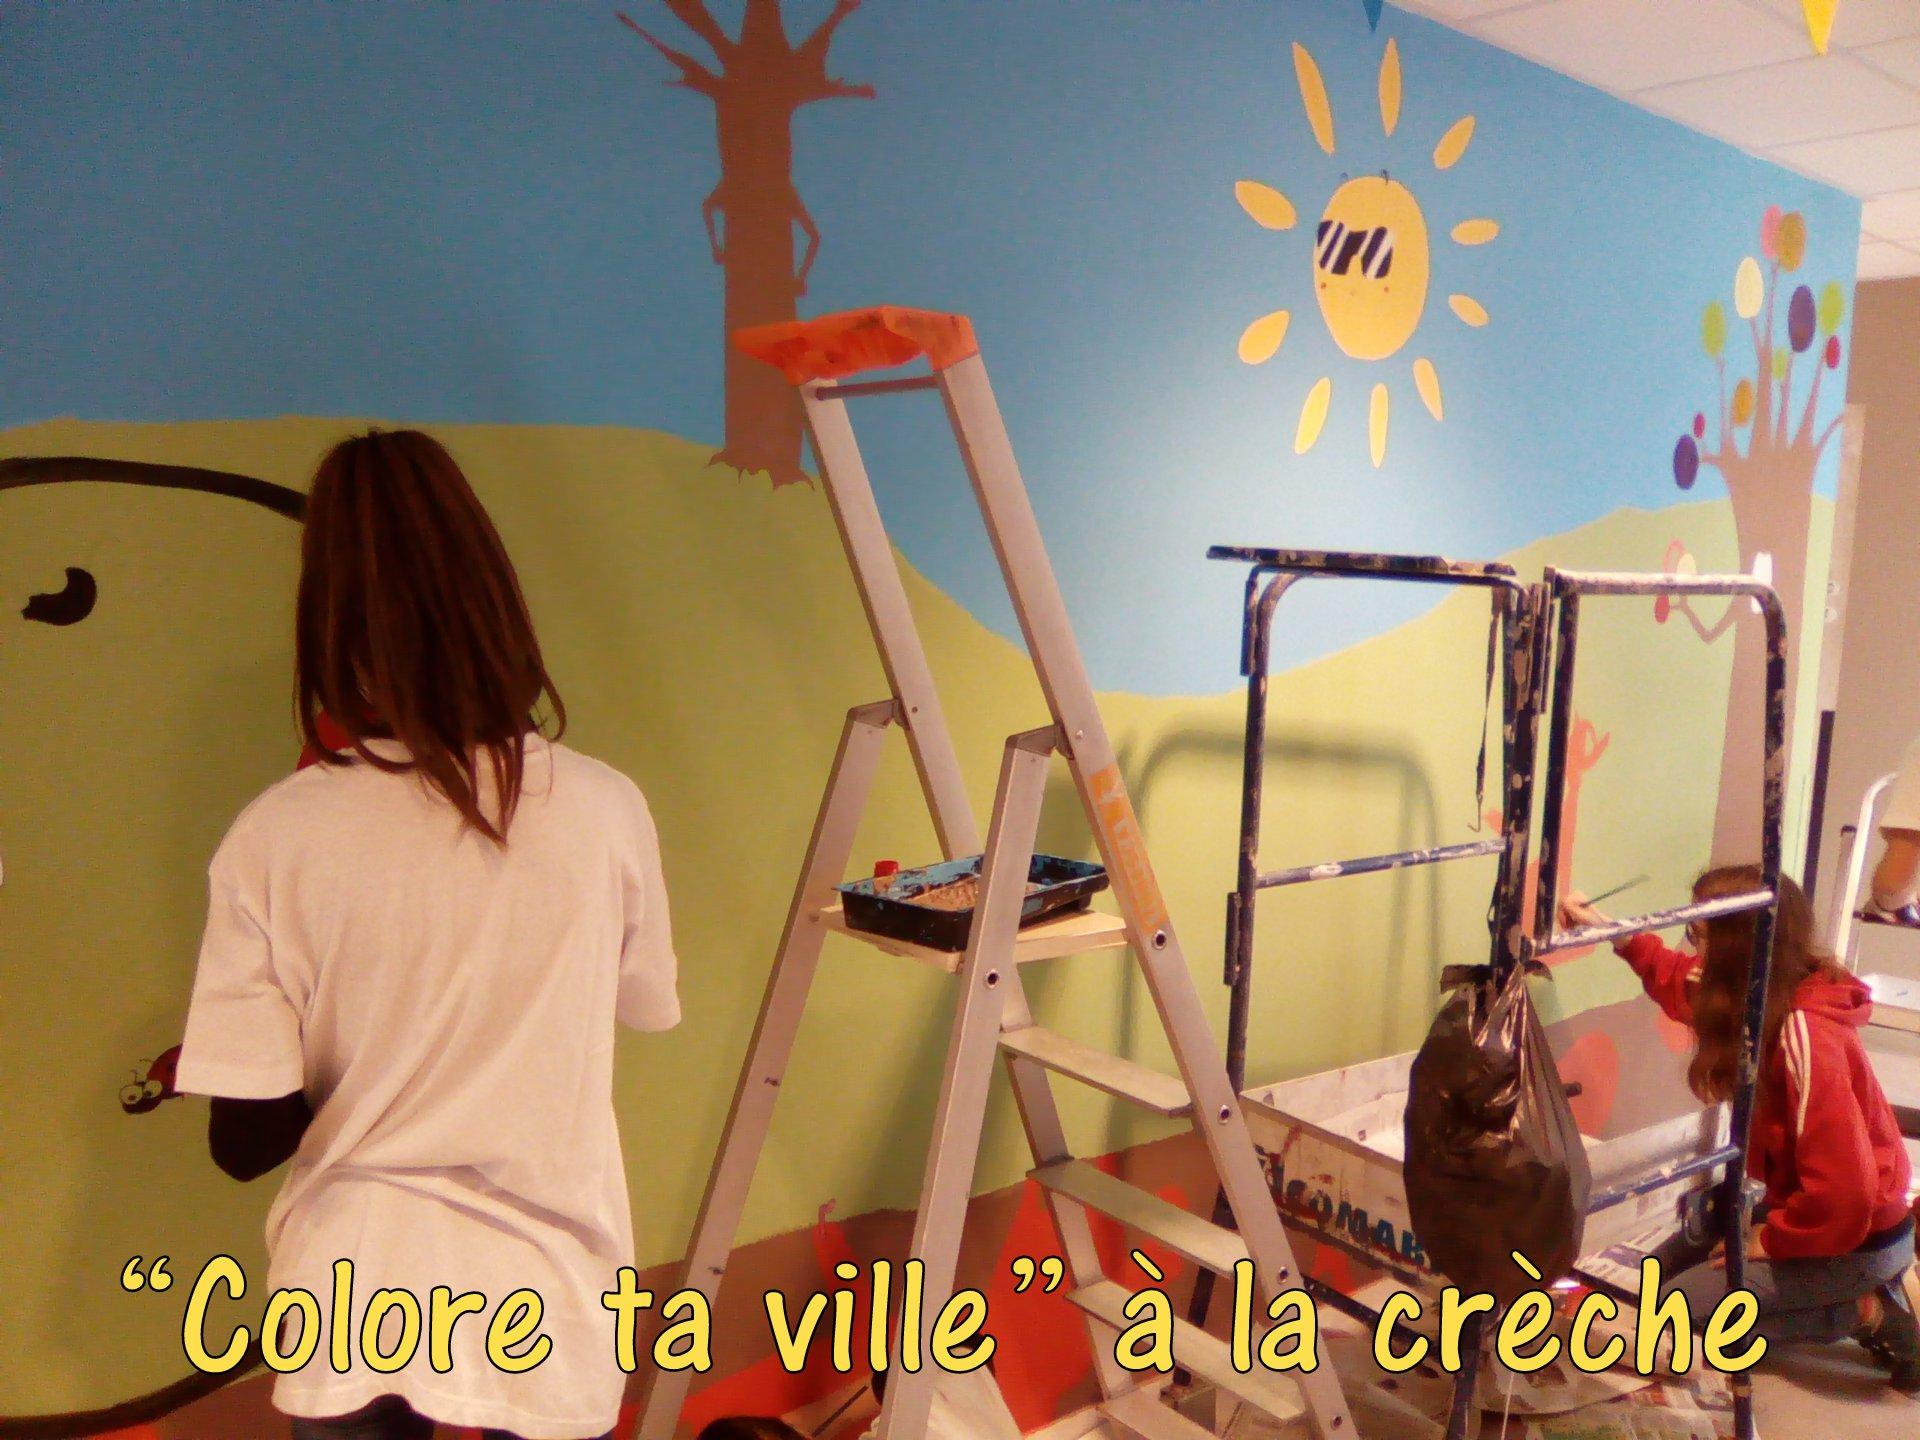 colore-ta-ville-a-la-creche-2